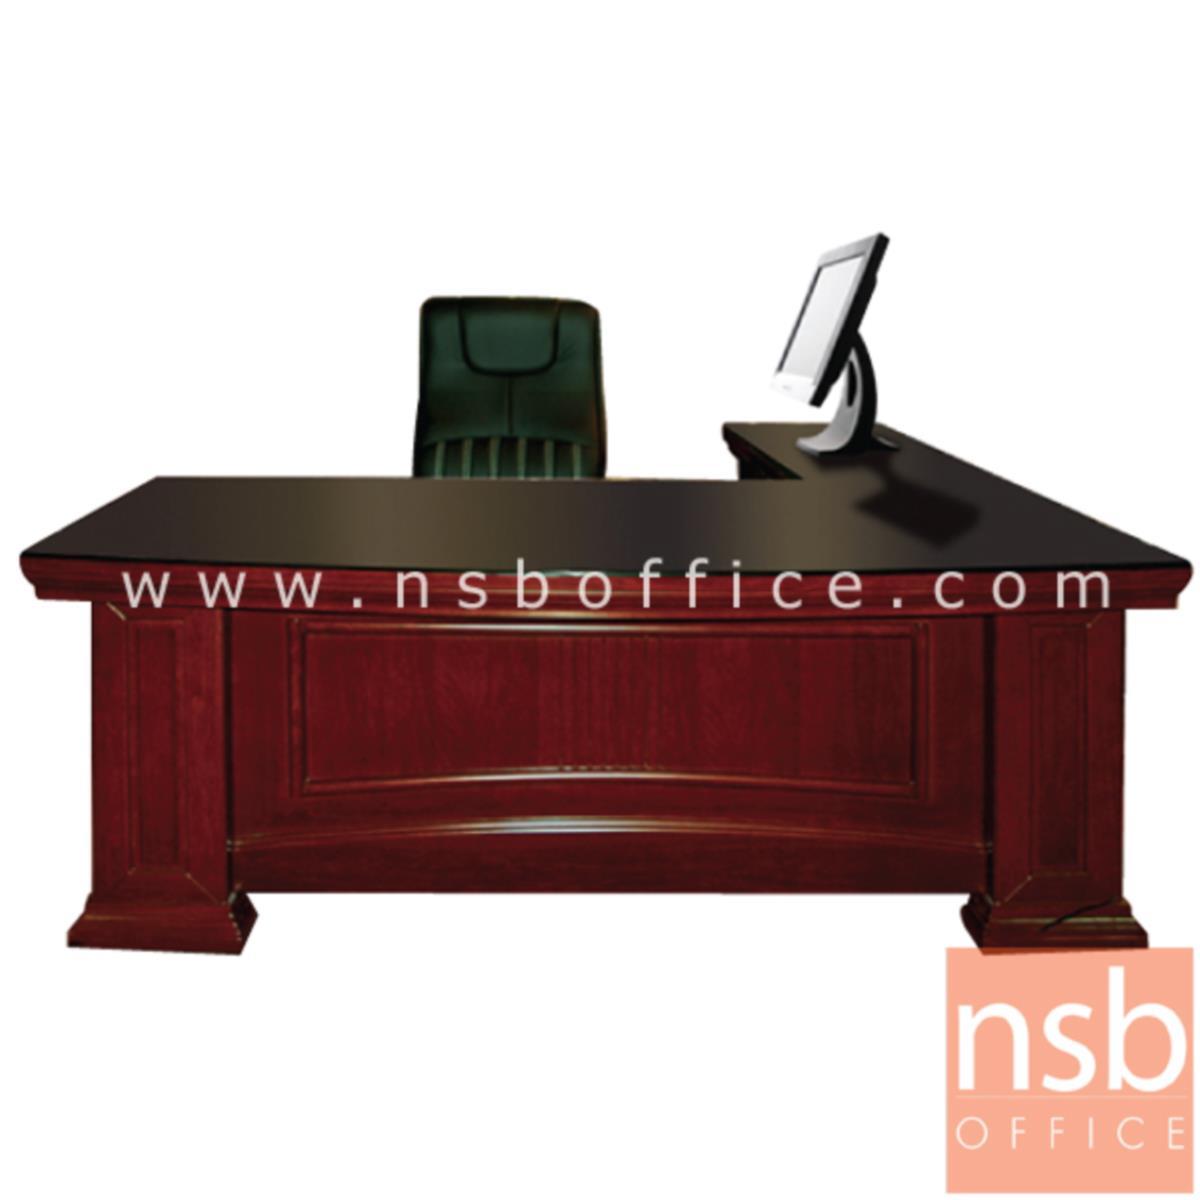 A06A046:โต๊ะผู้บริหารตัวแอลทับกระจก  รุ่น Amour (อะมอ) ขนาด 200W cm. พร้อมตู้ลิ้นชักและตู้ข้าง